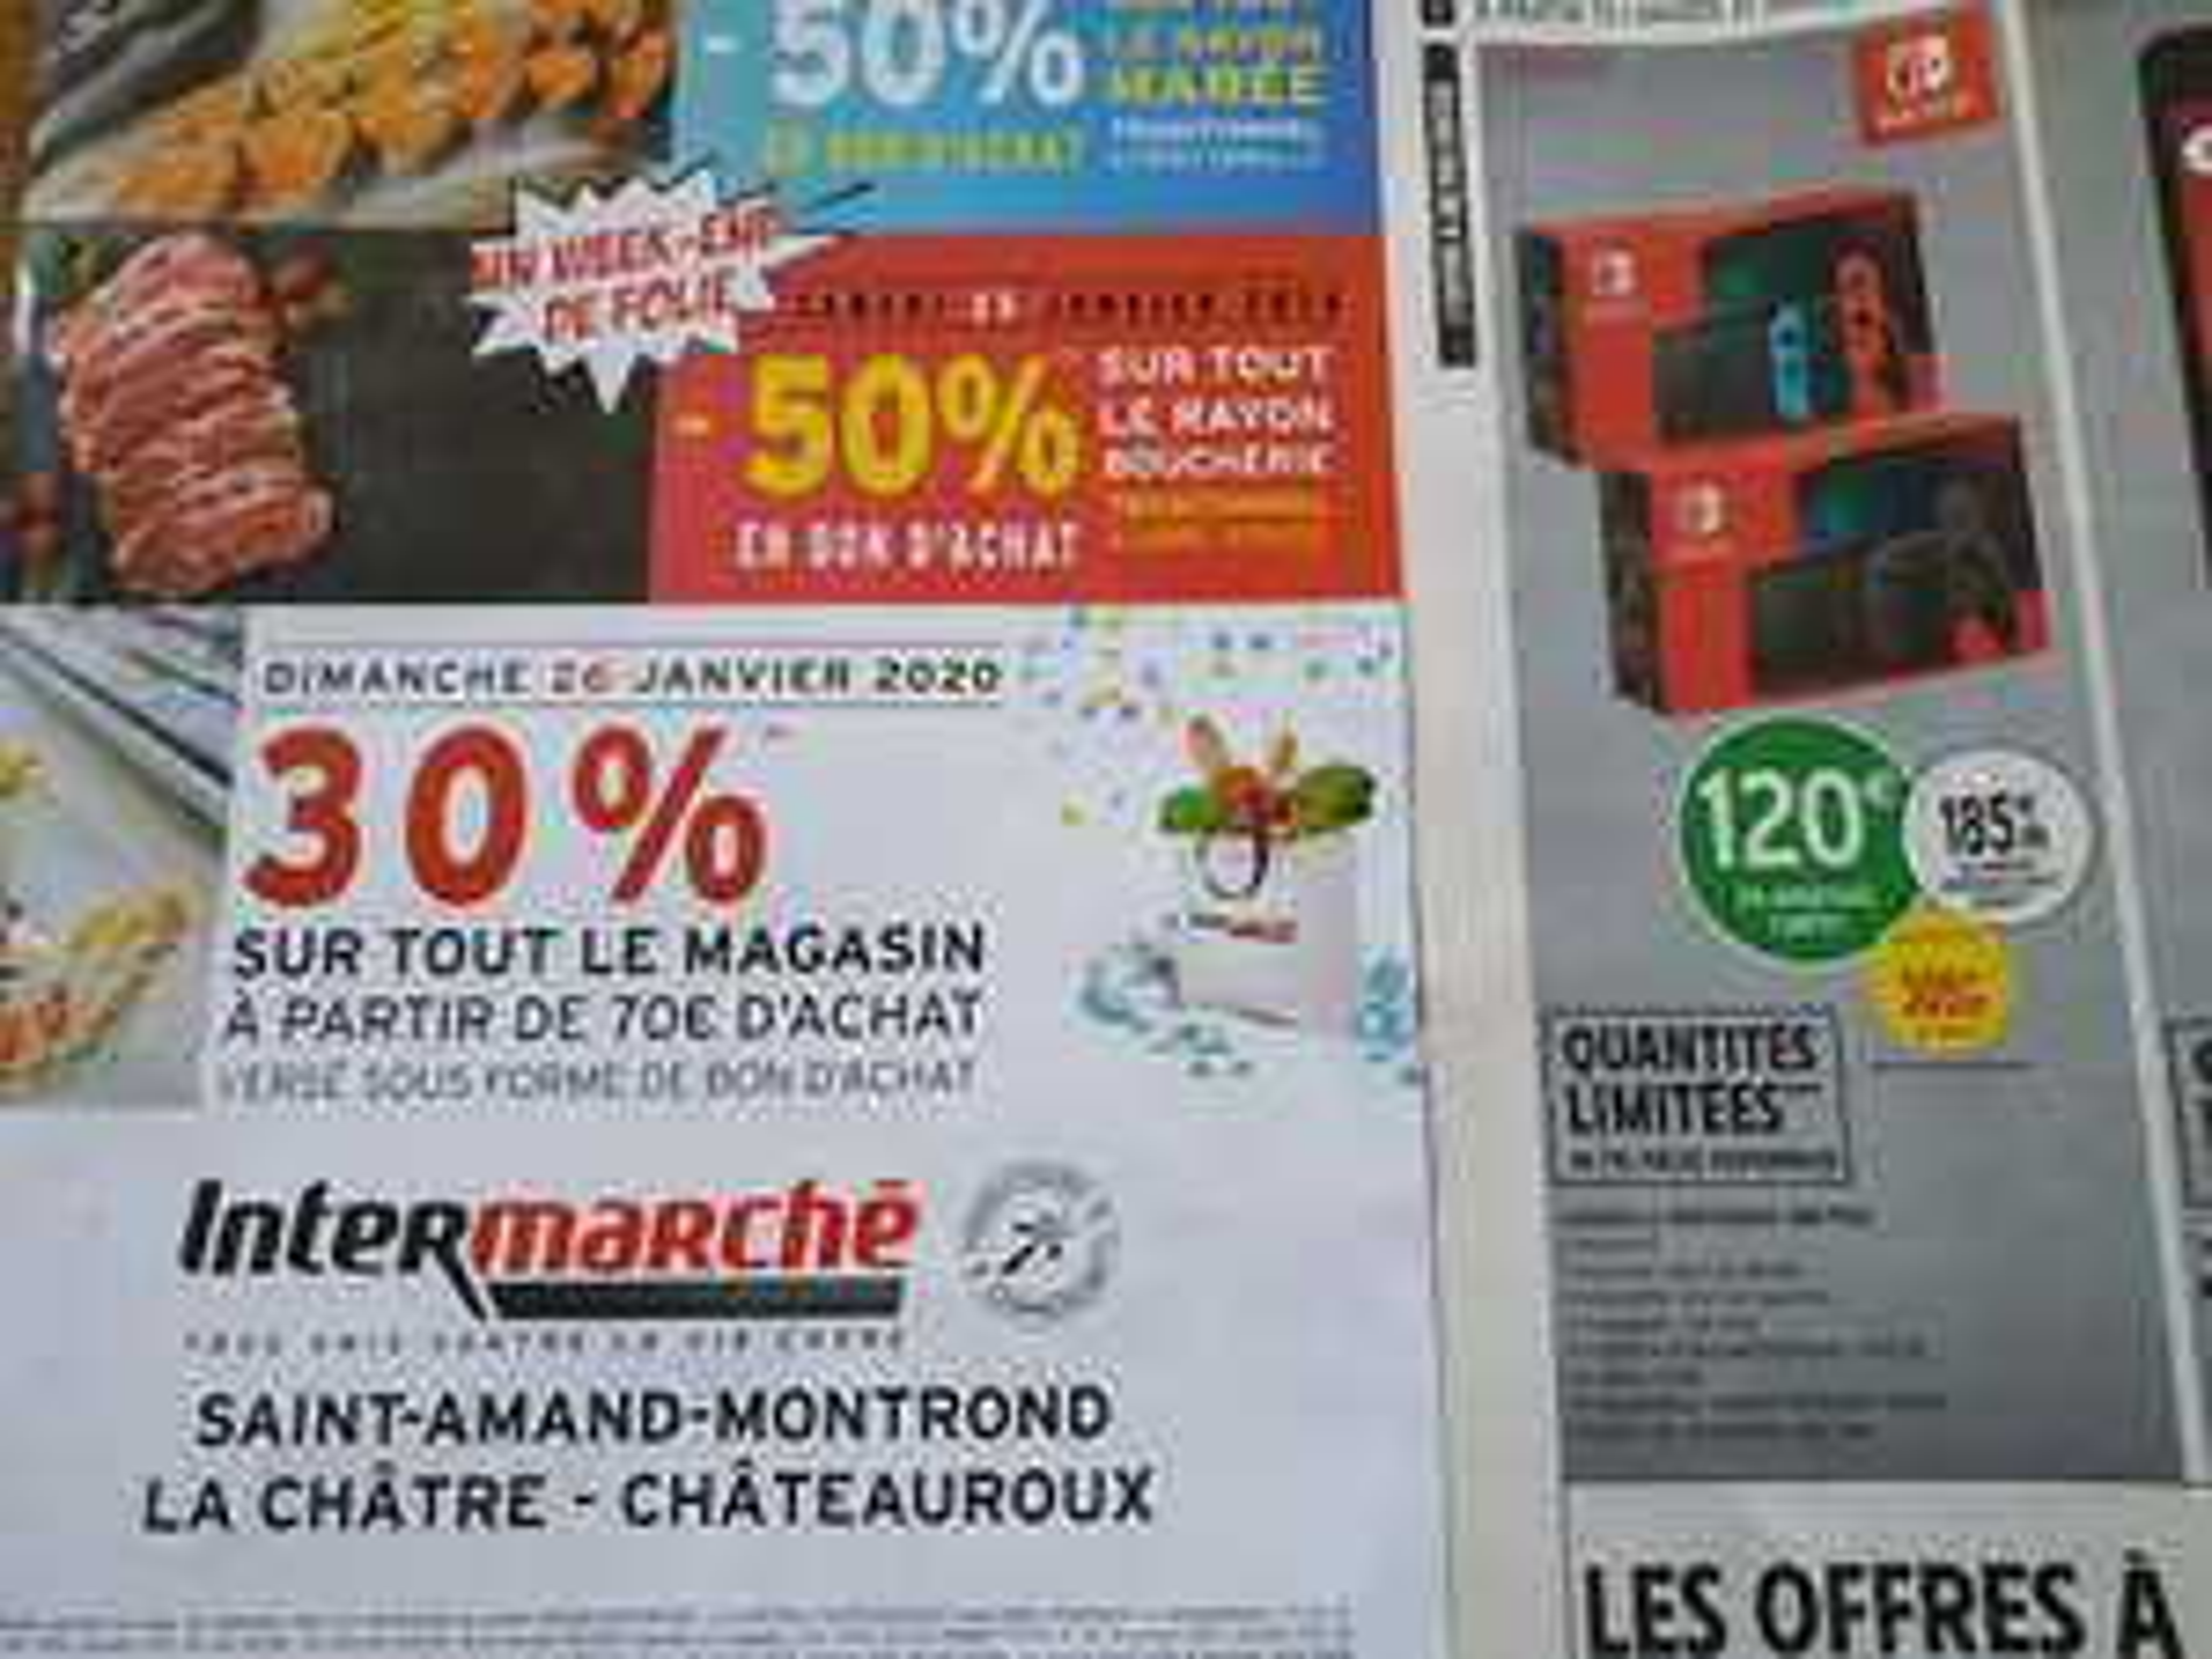 30% offerts en bon d'achat dès 70€ sur tout le magasin - Saint Amand Montrond / Châteauroux (36)